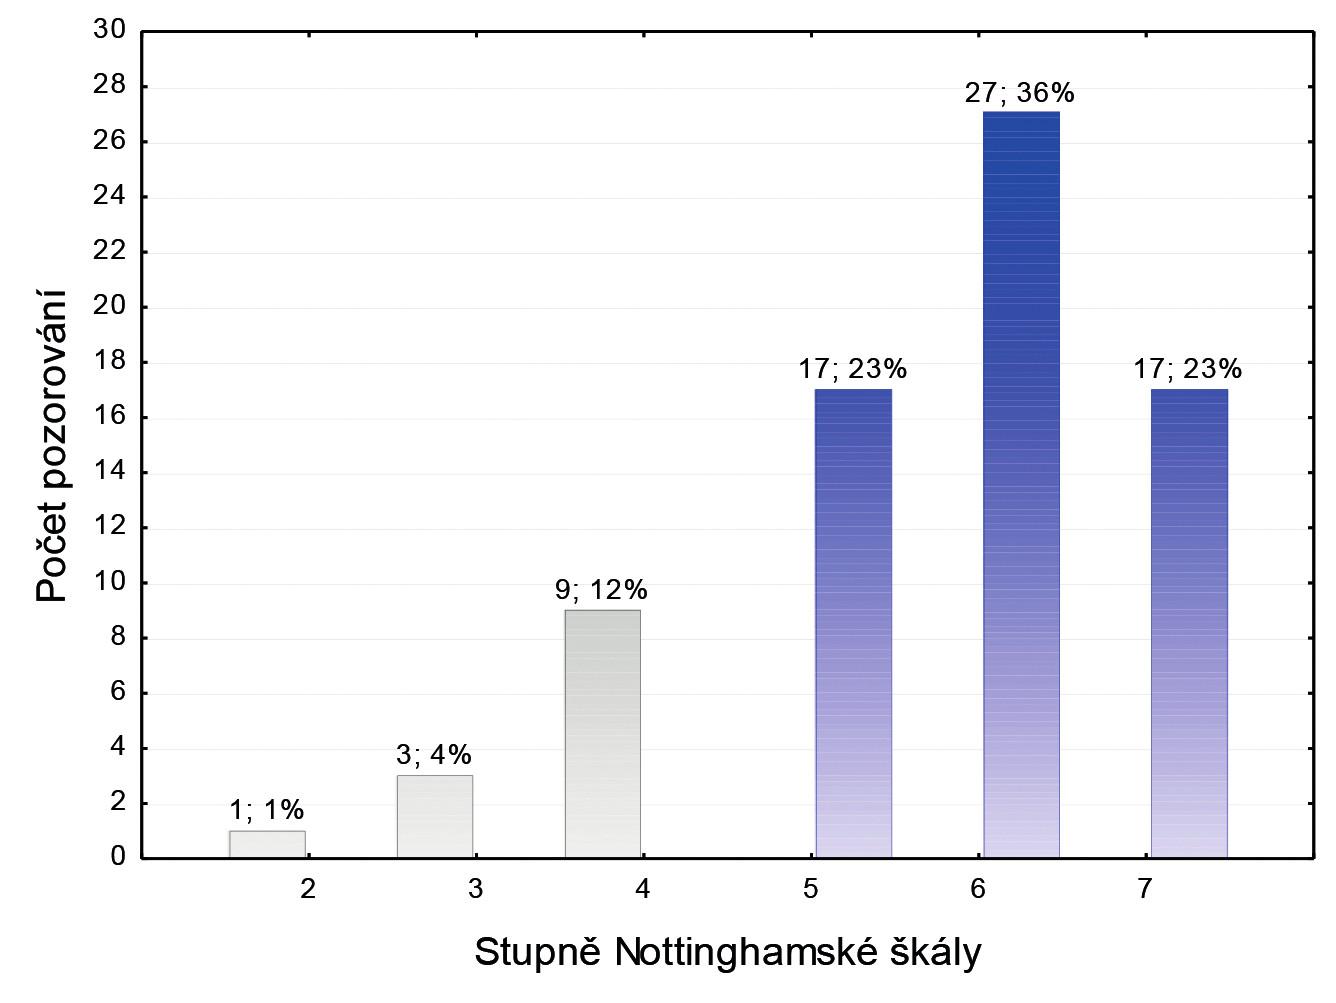 Graf 6 Sloupkový diagram absolutních a relativních četností stupňů Notthinghamské škály